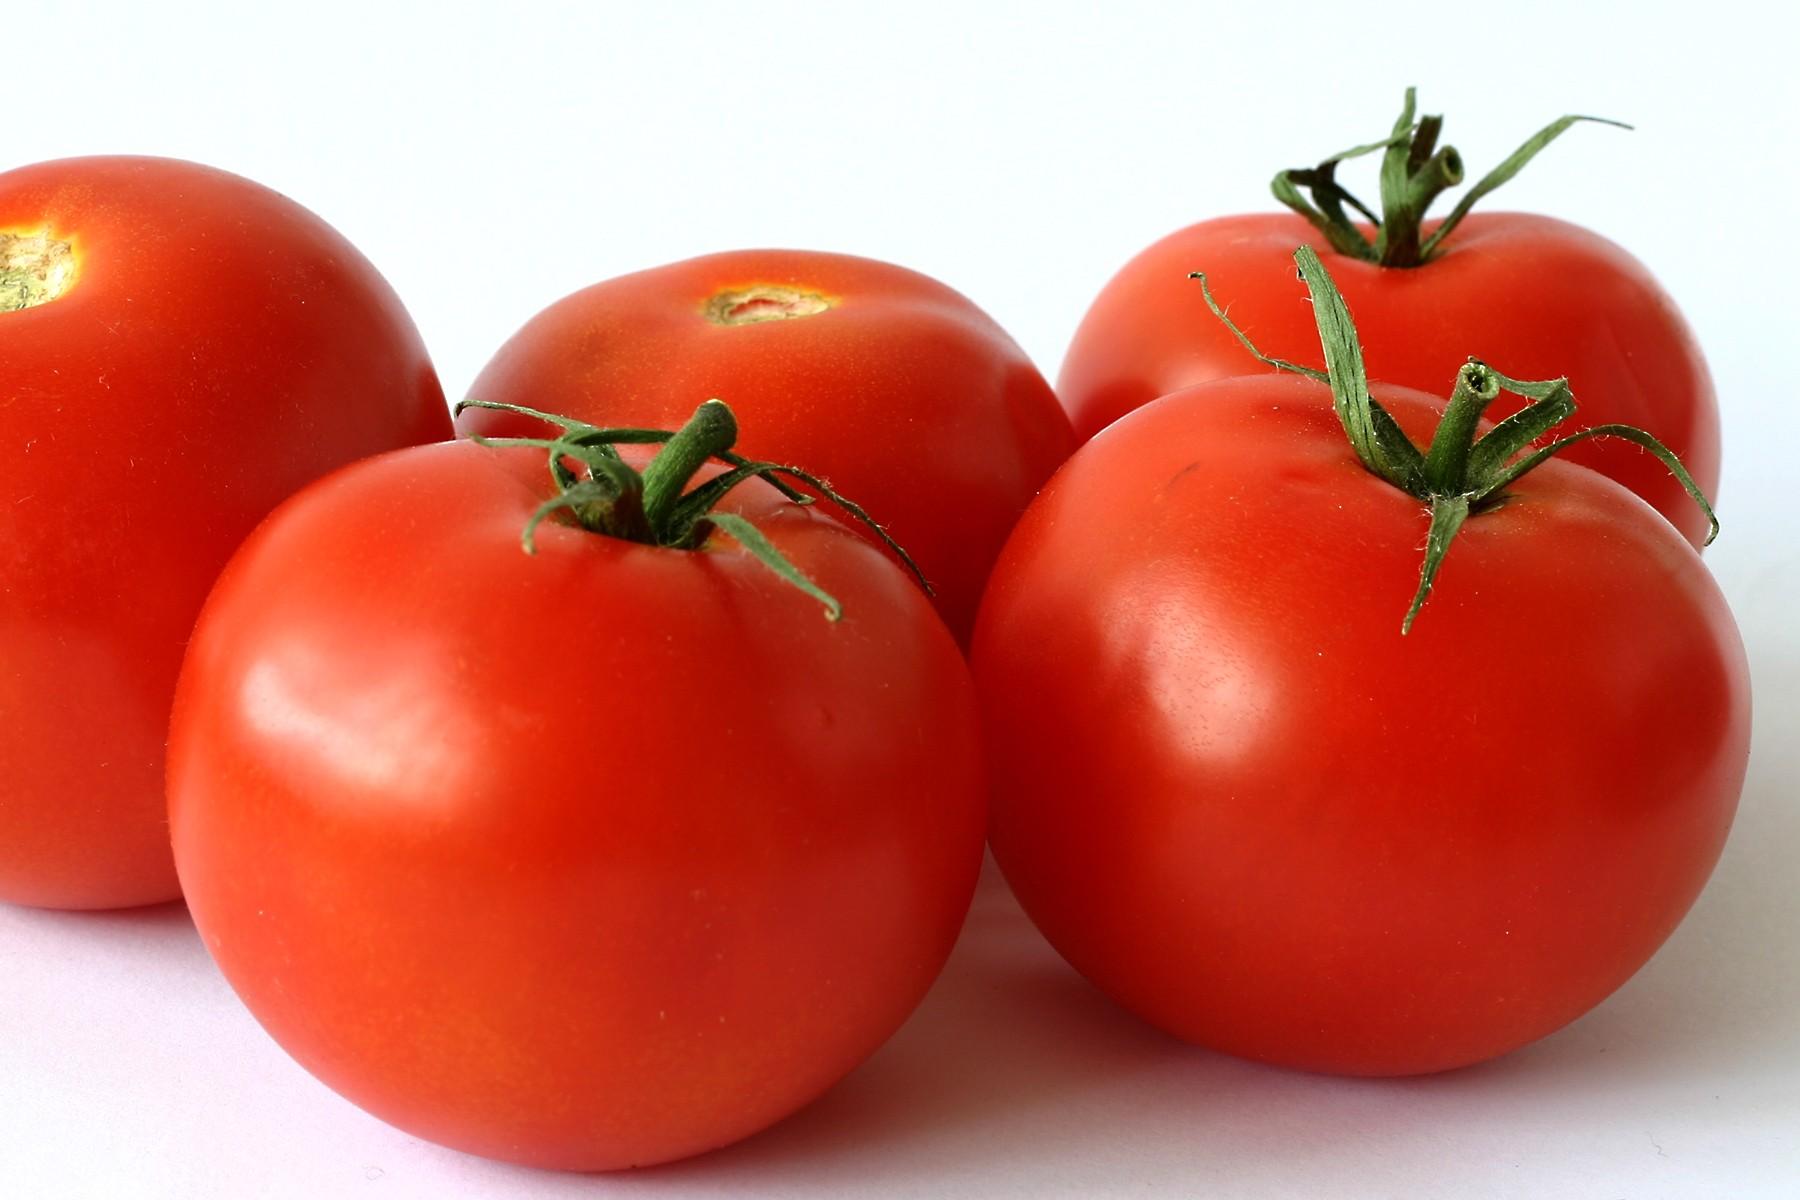 Szejk pomidorowy